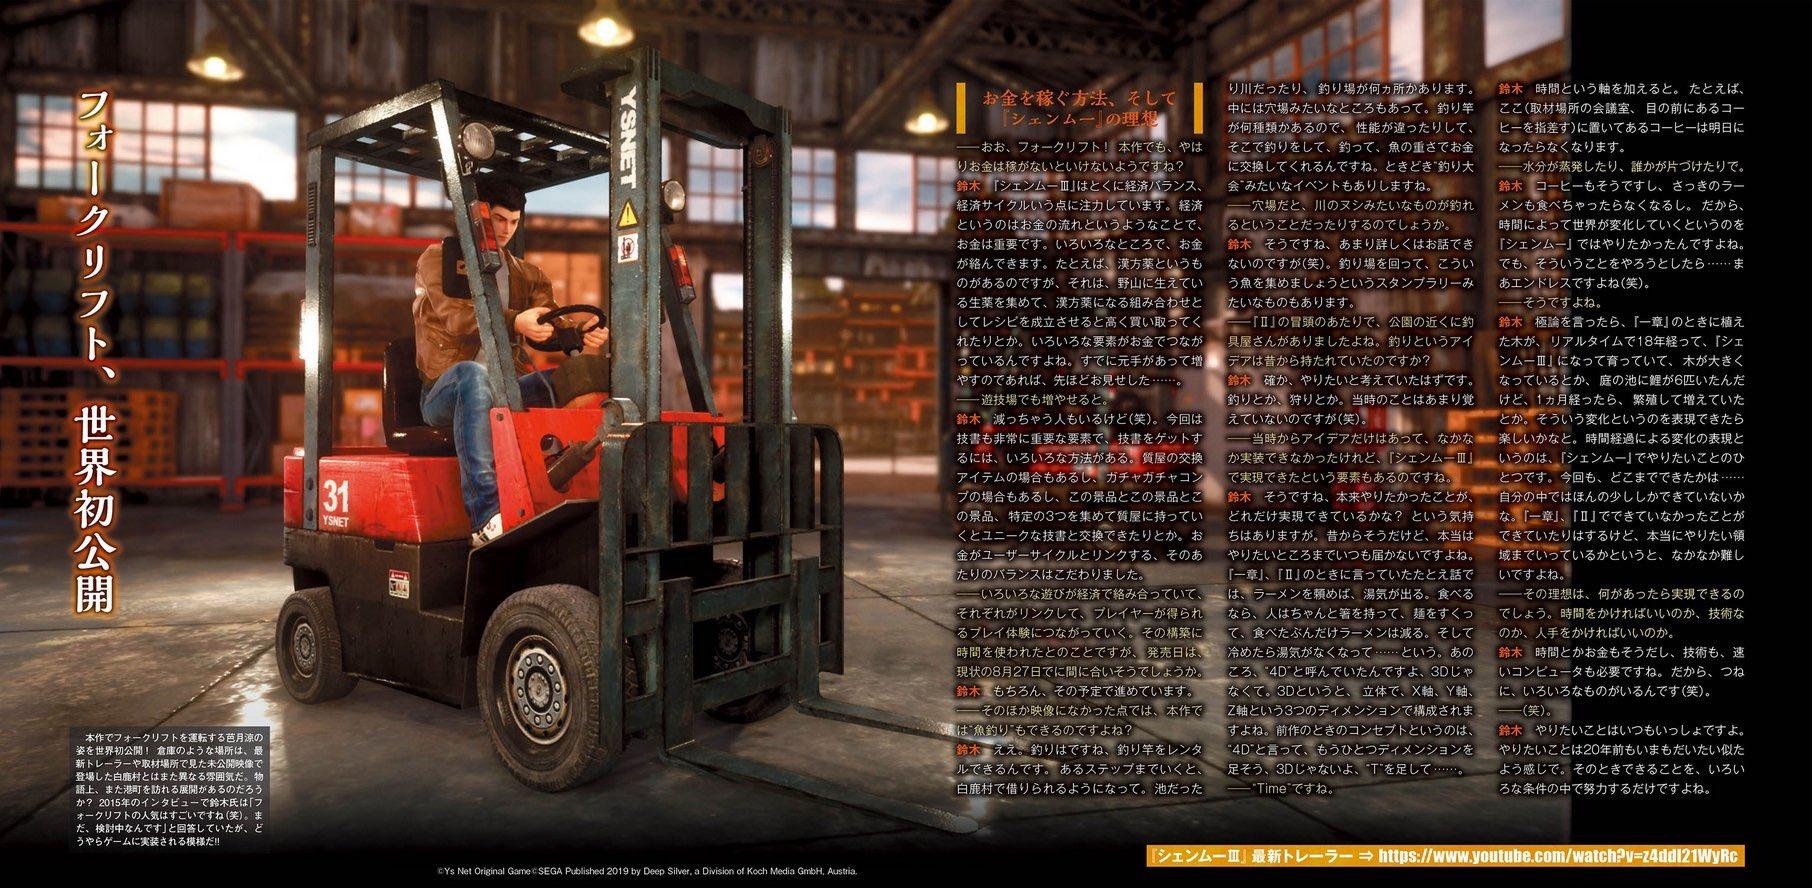 Ryo si mostra in sella al forklift – Inedito screenshot di Shenmue 3